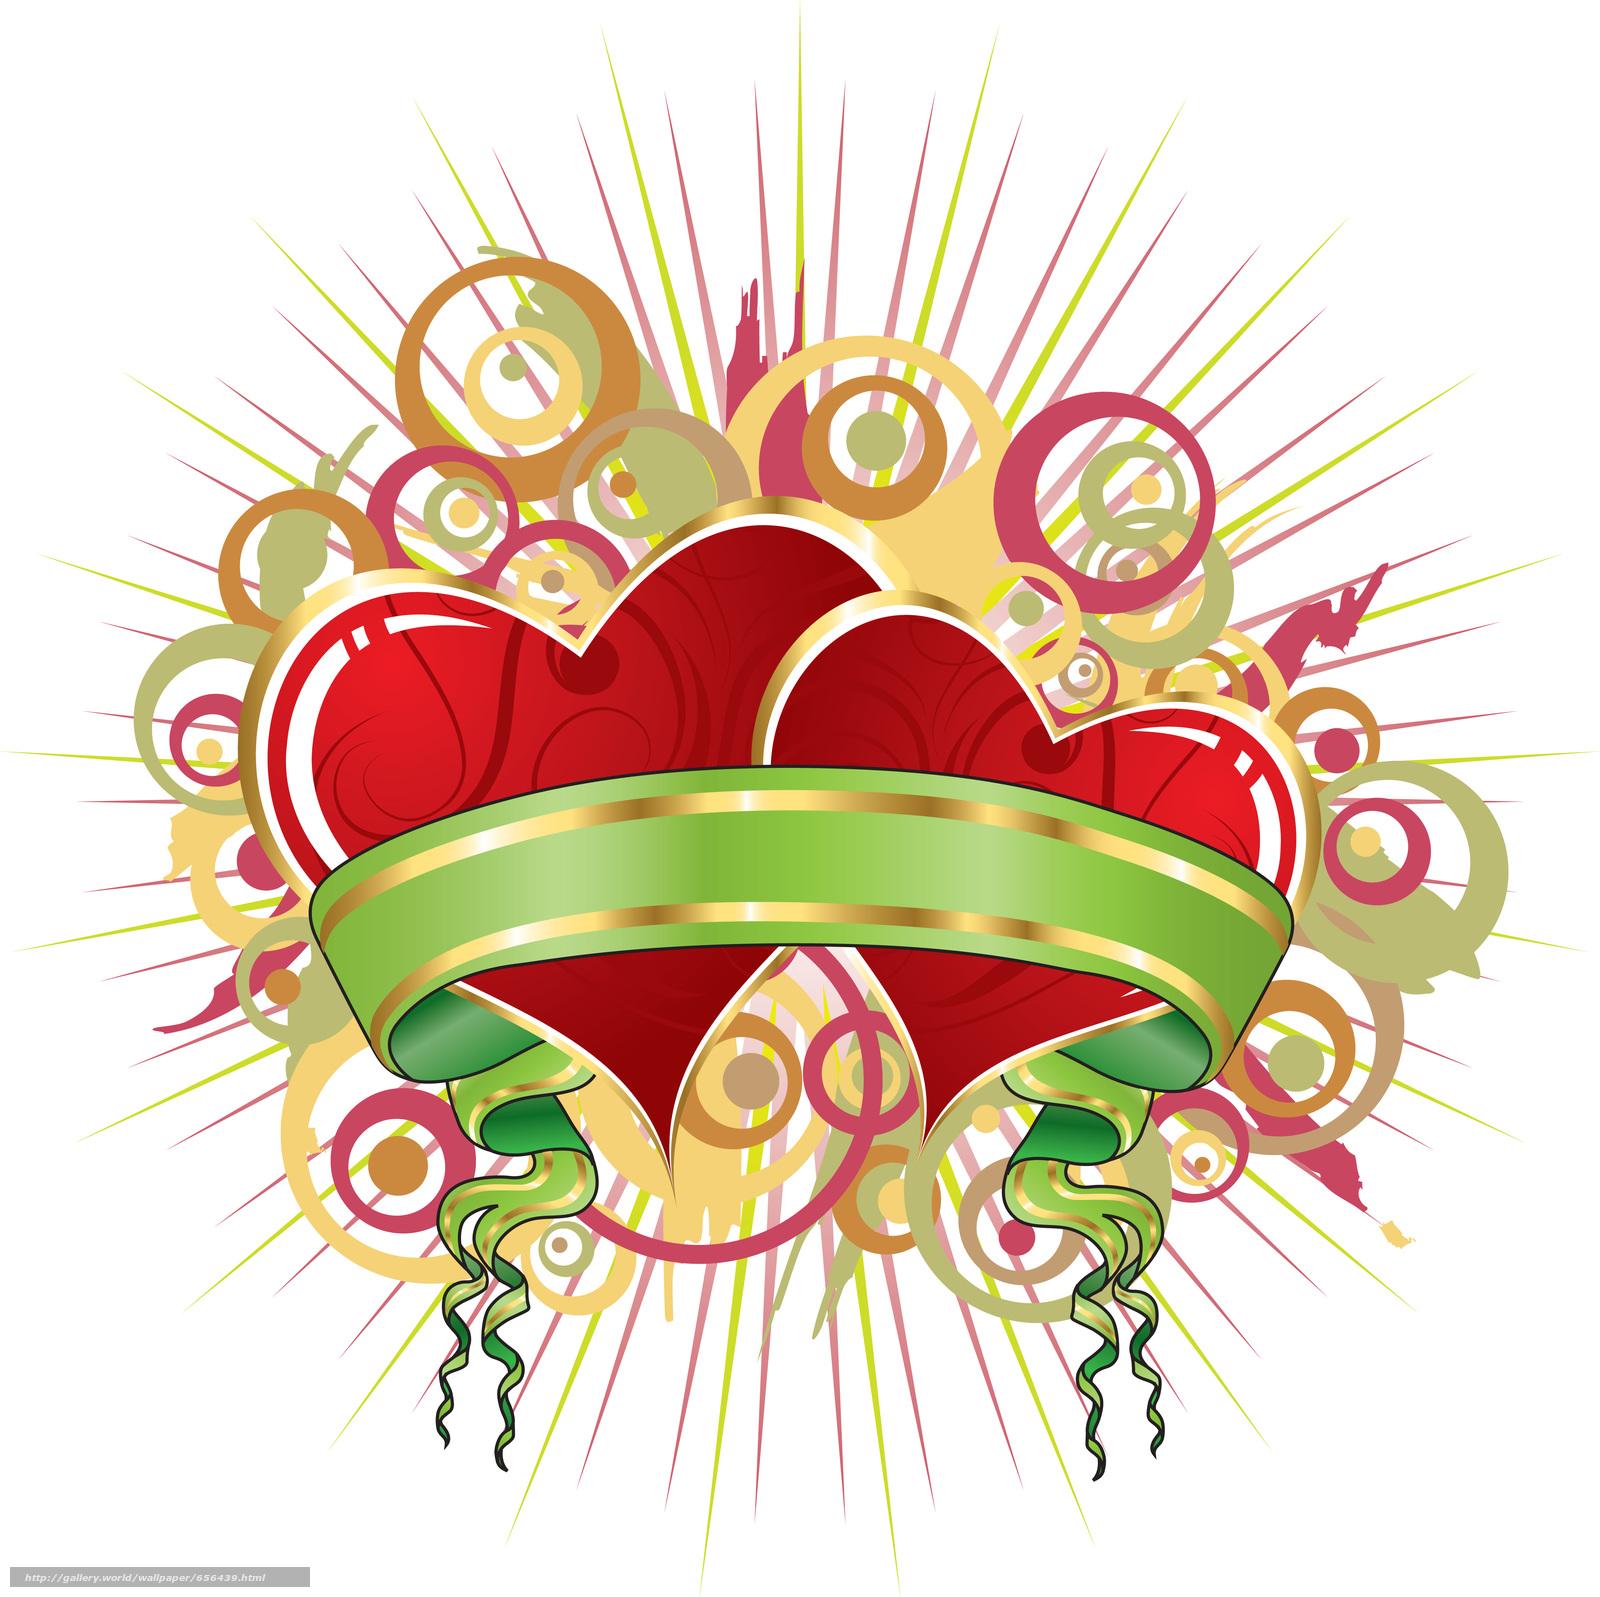 Скачать обои день святого валентина,  день всех влюбленных,  праздник,  сердце бесплатно для рабочего стола в разрешении 5018x5008 — картинка №656439